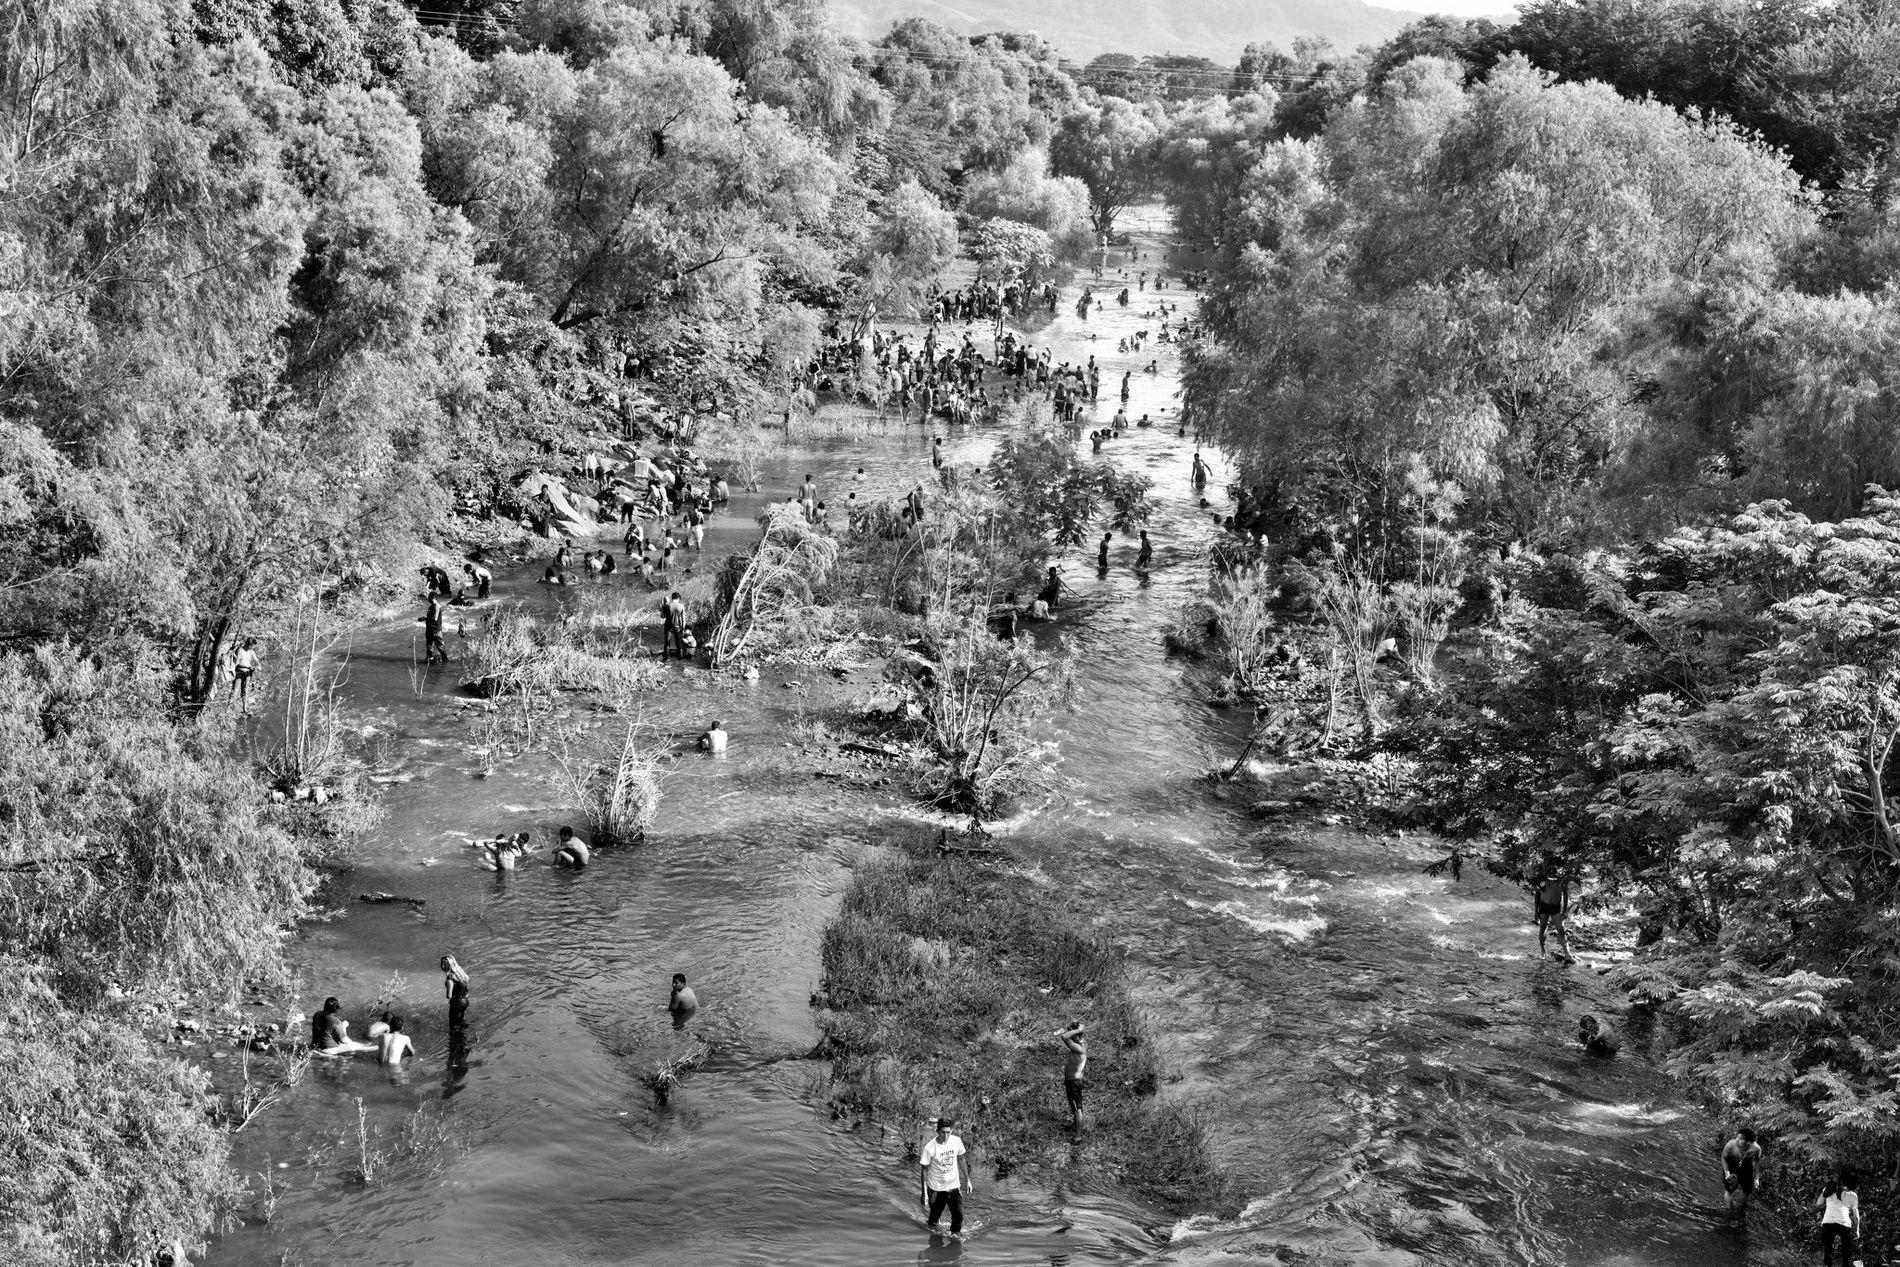 San Pedro Tapanatepec, Oaxaca, México. 28 de octubre de 2018. Cientos de migrantes centroamericanos se refrescan, se bañan y limpian la ropa en el río Novillero en la localidad de San Pedro Tapanatepec, en Oaxaca, México. Los migrantes pasaron dos noches en San Pedro antes de proseguir su viaje hacia el norte, hacia la frontera estadounidense.